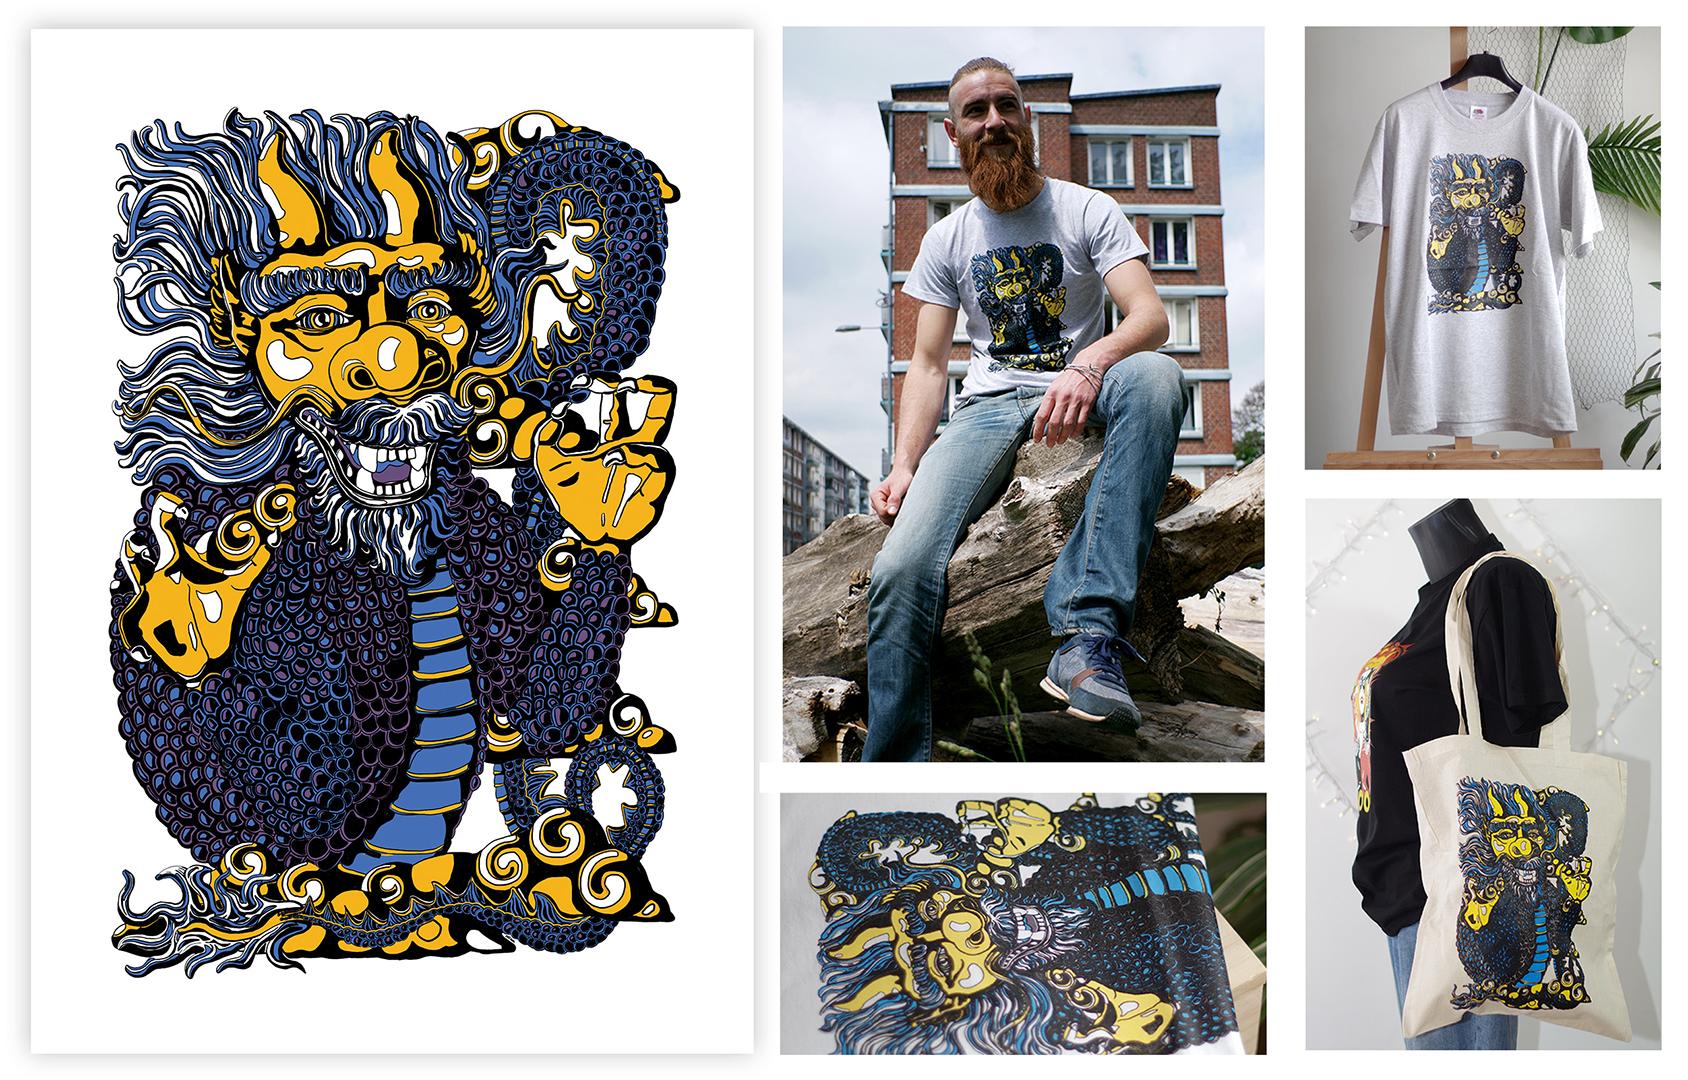 """<h3>Design le dragon & produits dérivés</h3><p>    """"Le dragon"""" est un design inspiré de mon tableau original du même nom.</p><p>    J'ai reproduis la créature sur tablette numérique, puis j'ai intégré uniquement 4 couleurs sur le dessin final afin qu'il puisse être imprimé en sérigraphie sur supports textiles. La sérigraphie est un procédé d'impression qui consiste à appliquer les couleurs une par une sur un médium. Le dragon a ensuite été tiré en 30 exemplaires par Don man shop, artiste sérigraphiste lillois, sur t-shirts et sacs en coton. Il a également été imprimé sur des stickers et des cartes de visite afin de promouvoir mes activités.</p>"""